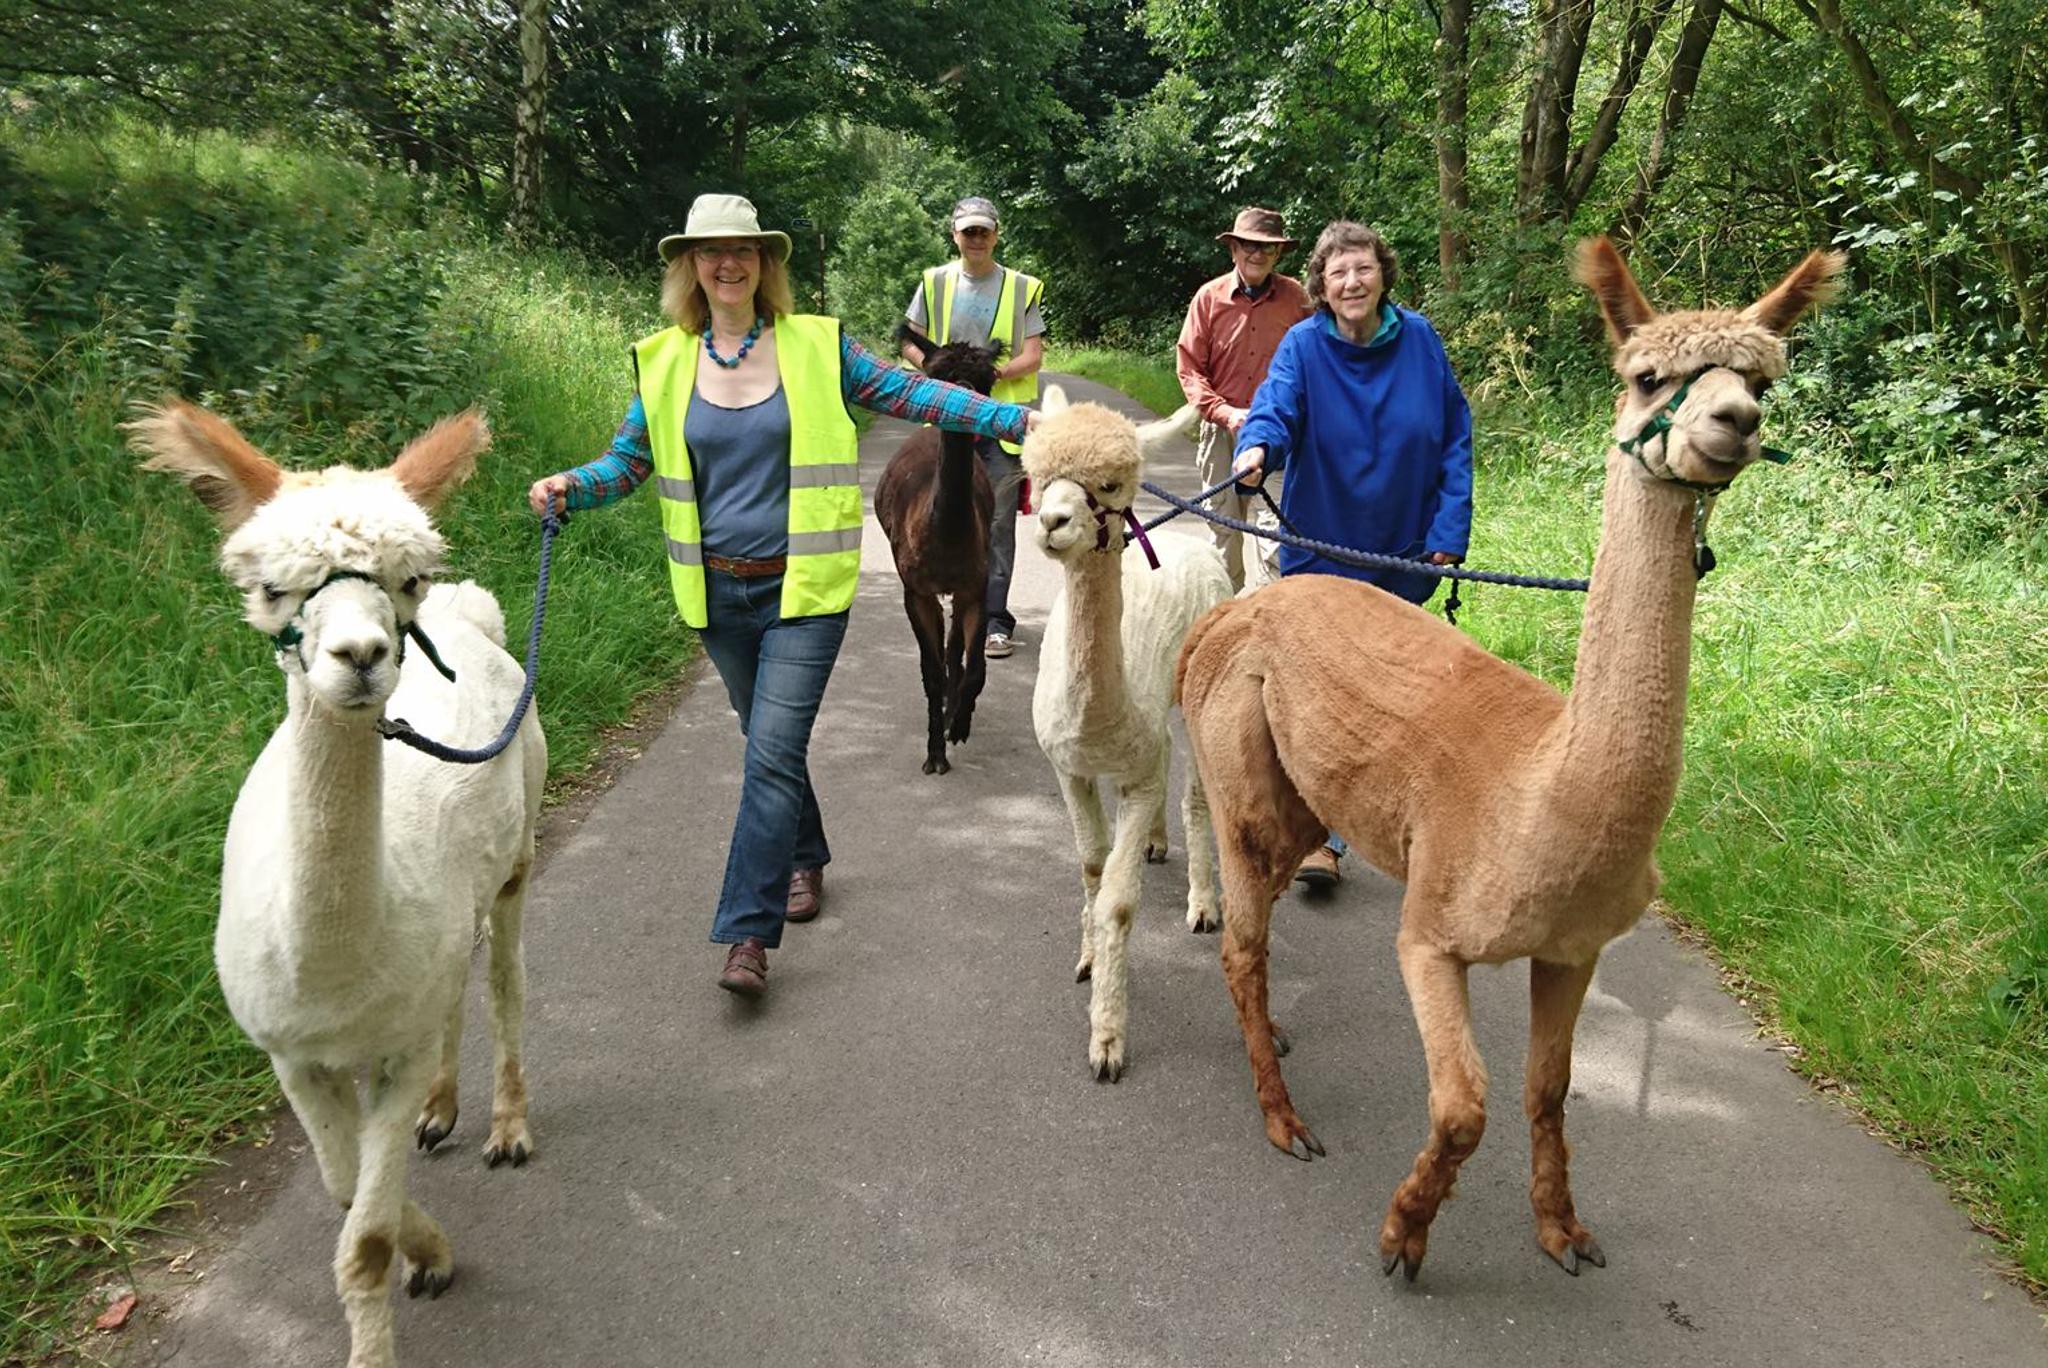 Alpaca trekking with the Holly Hagg alpacas